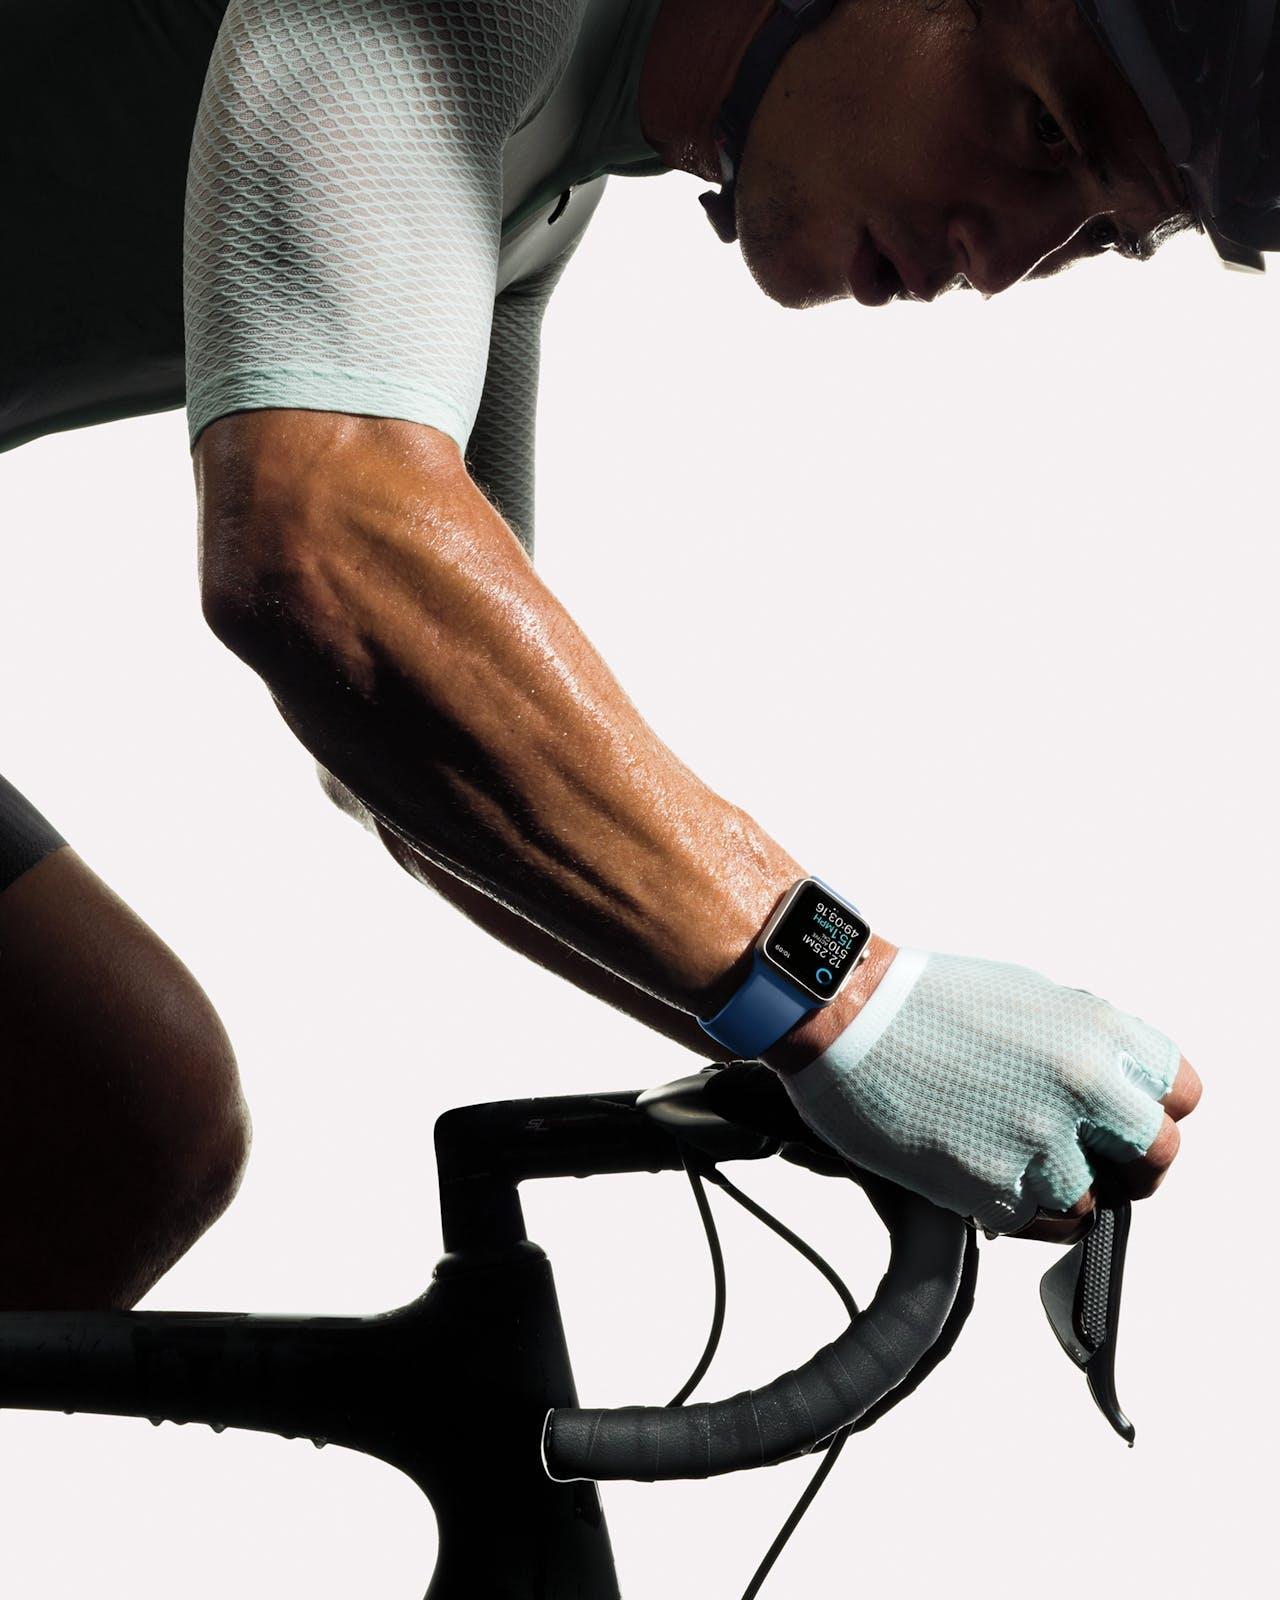 De Apple Watch geeft berichtnotificaties en kan met stembediening berichten terugsturen.